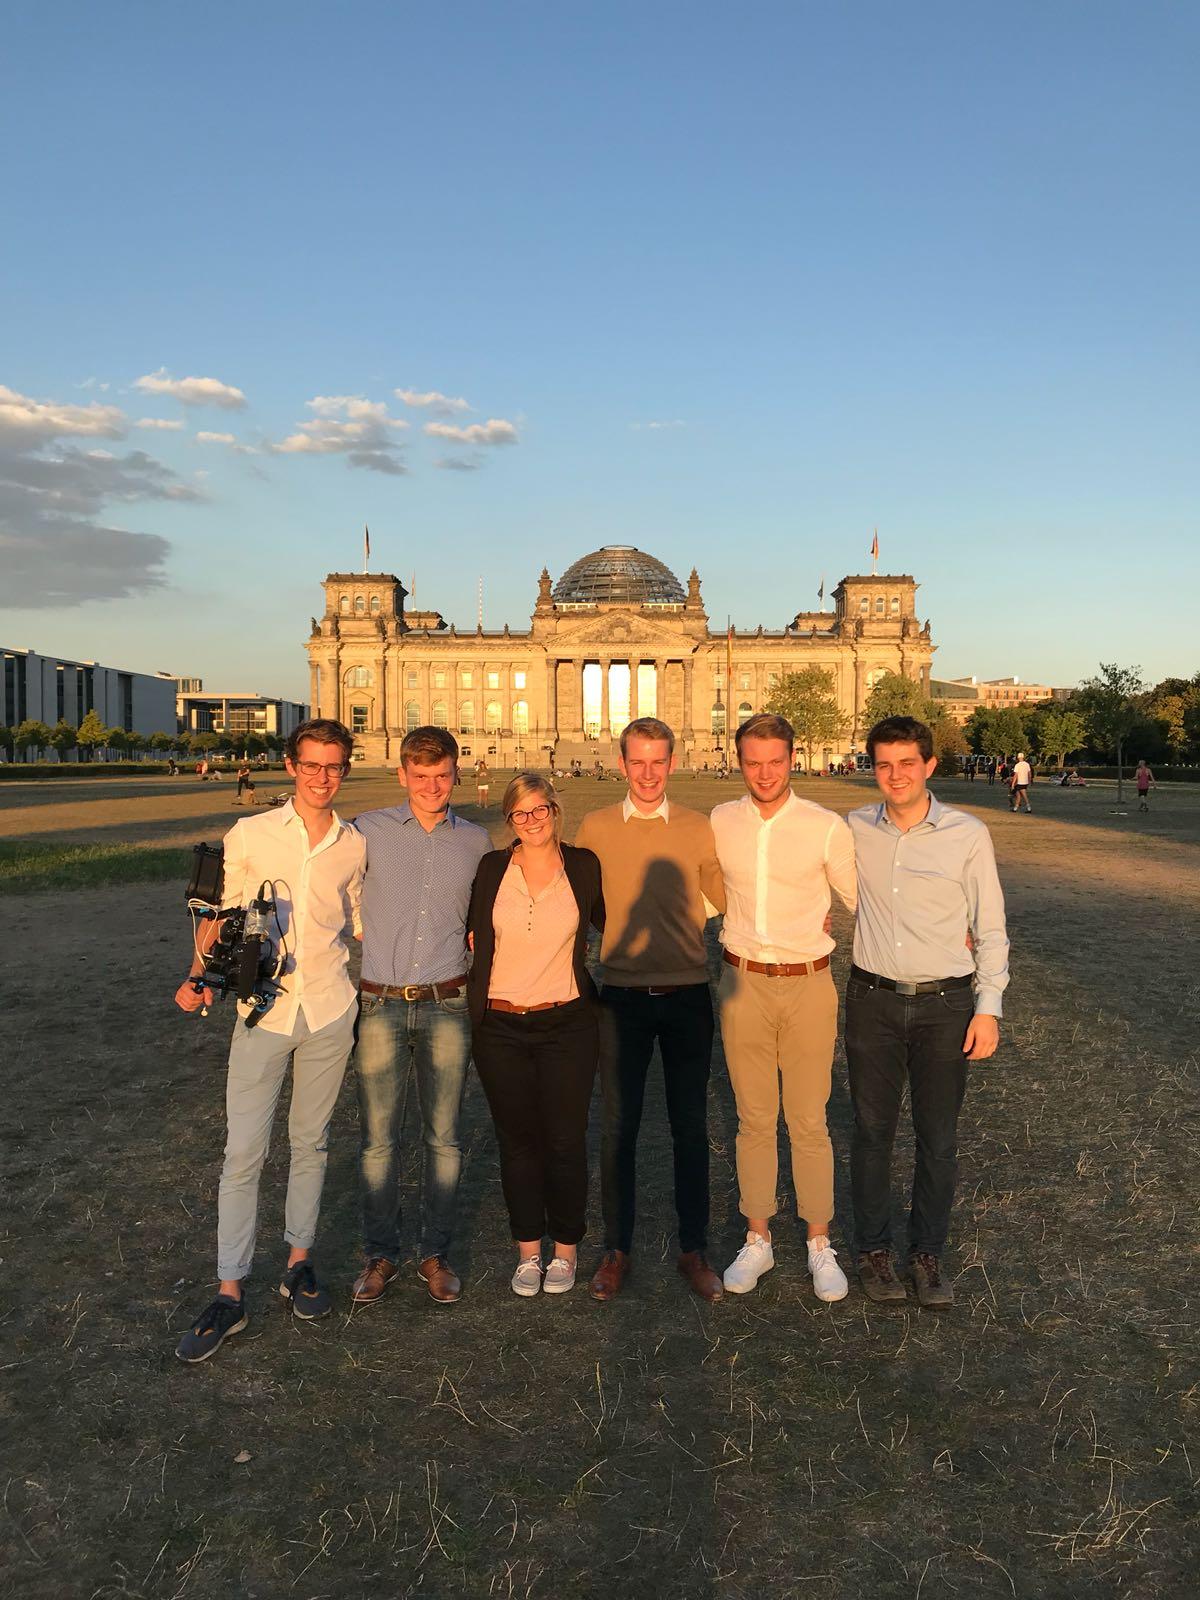 Video-Dreh am Reichstagsgebäude. Ihr fragt euch: was für ein Video? Das erfahrt Ihr Ende Oktober!